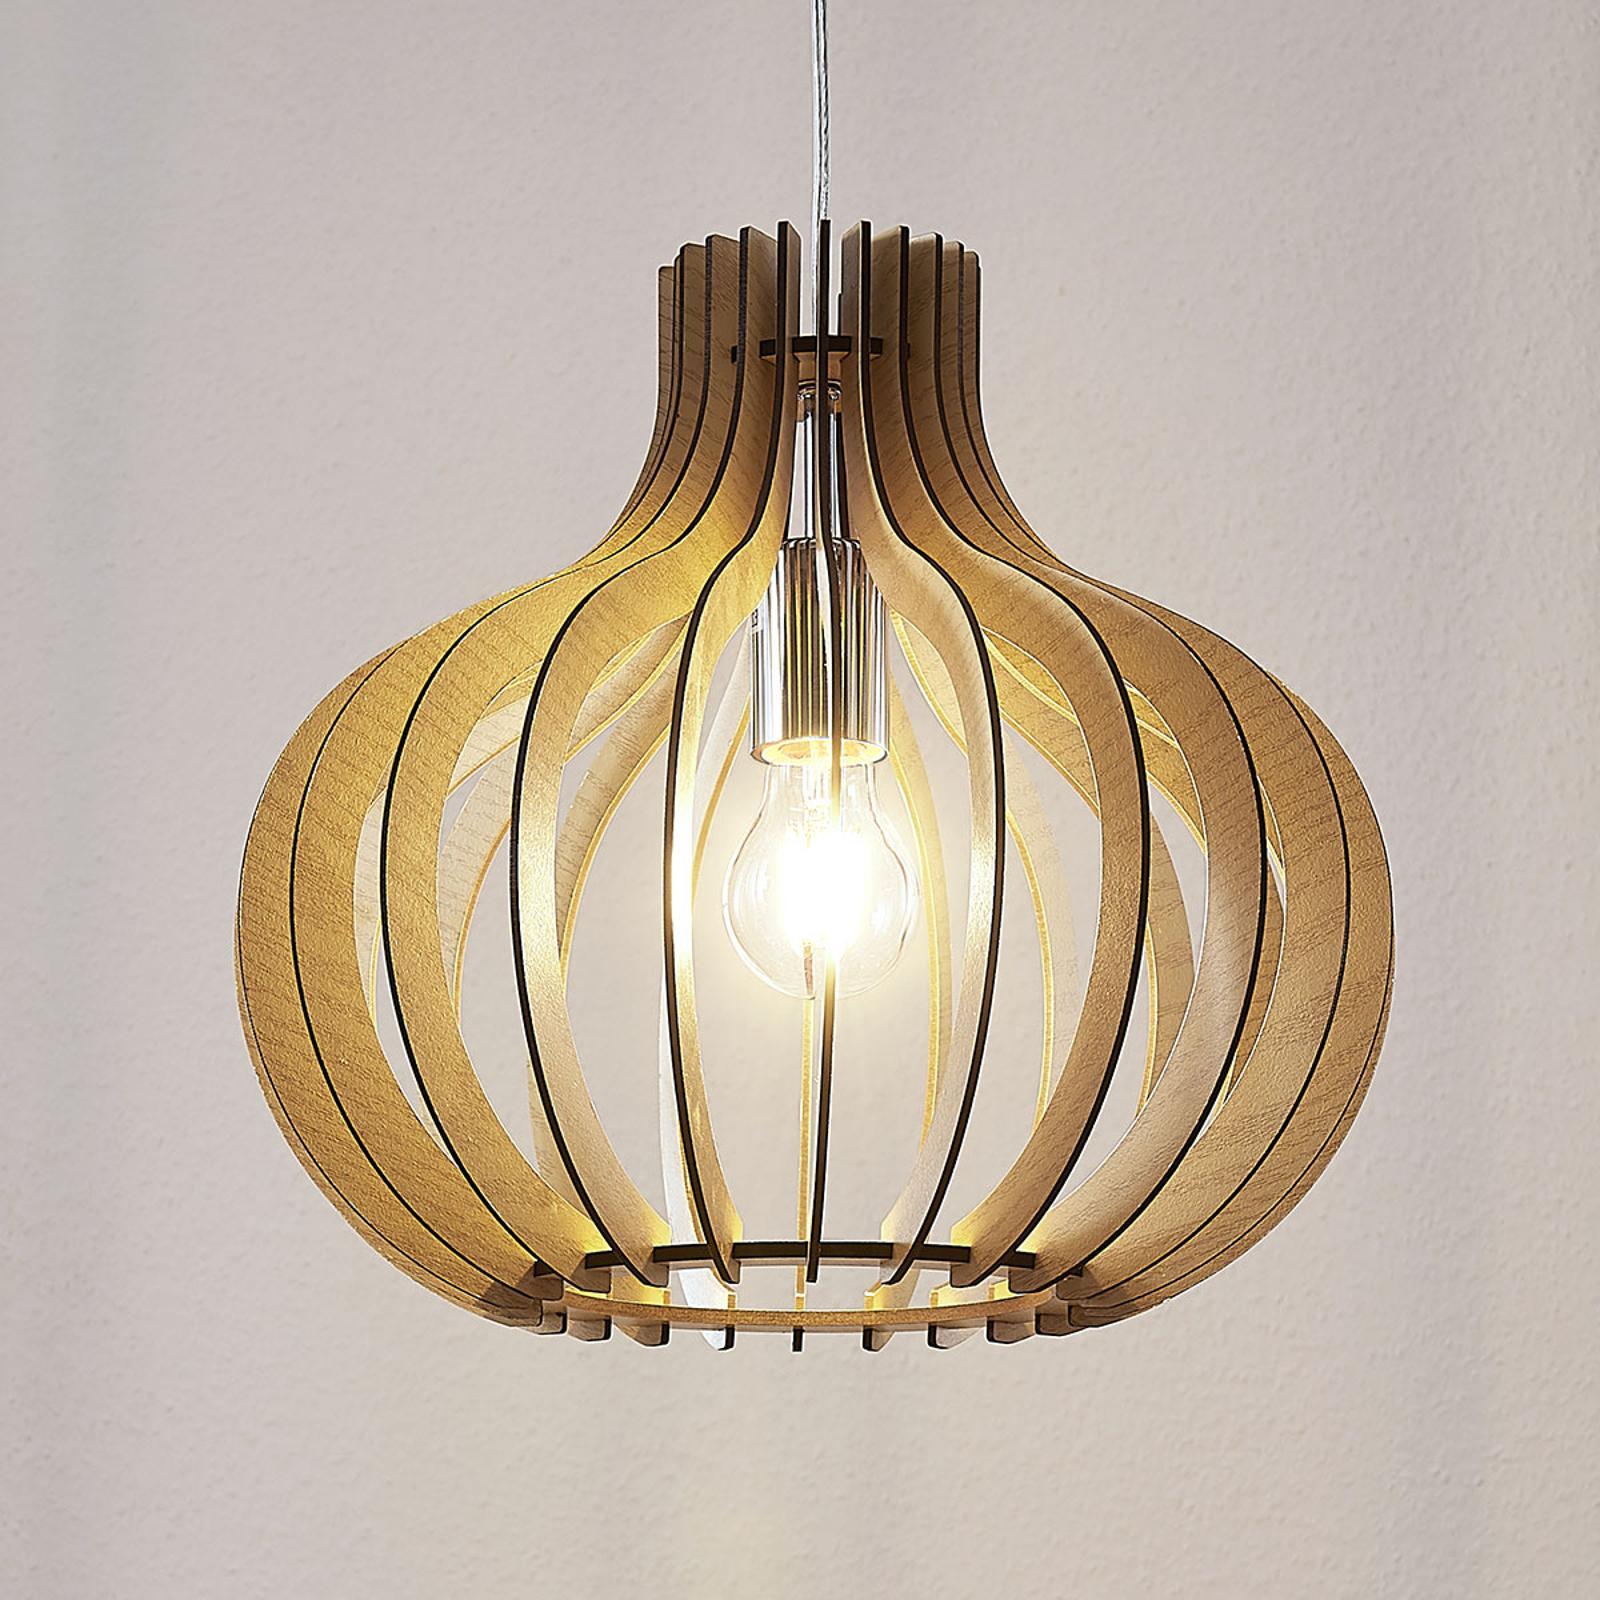 Ballonvormige houten lamp Sina, helder